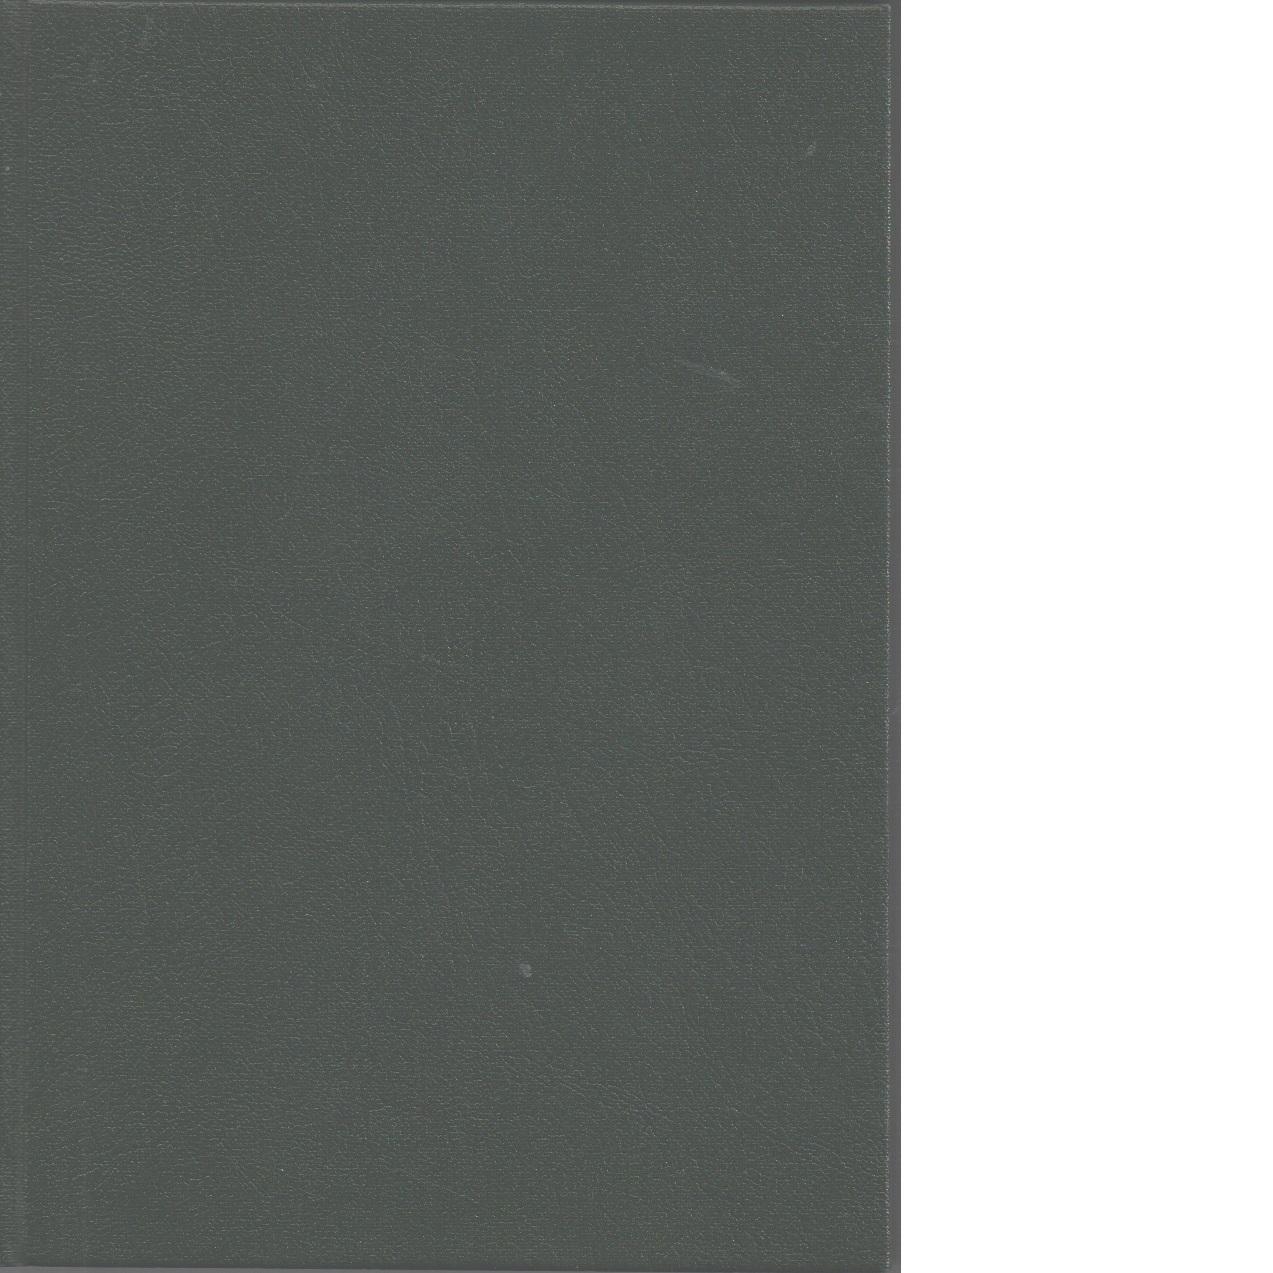 Hærmuseet Akershus Oslo I og II : Norske børsemakere i tre hundreår : en fortegnelse over norske børsemakere i tiden 1575-1900 - Dahl, Jon Sv.